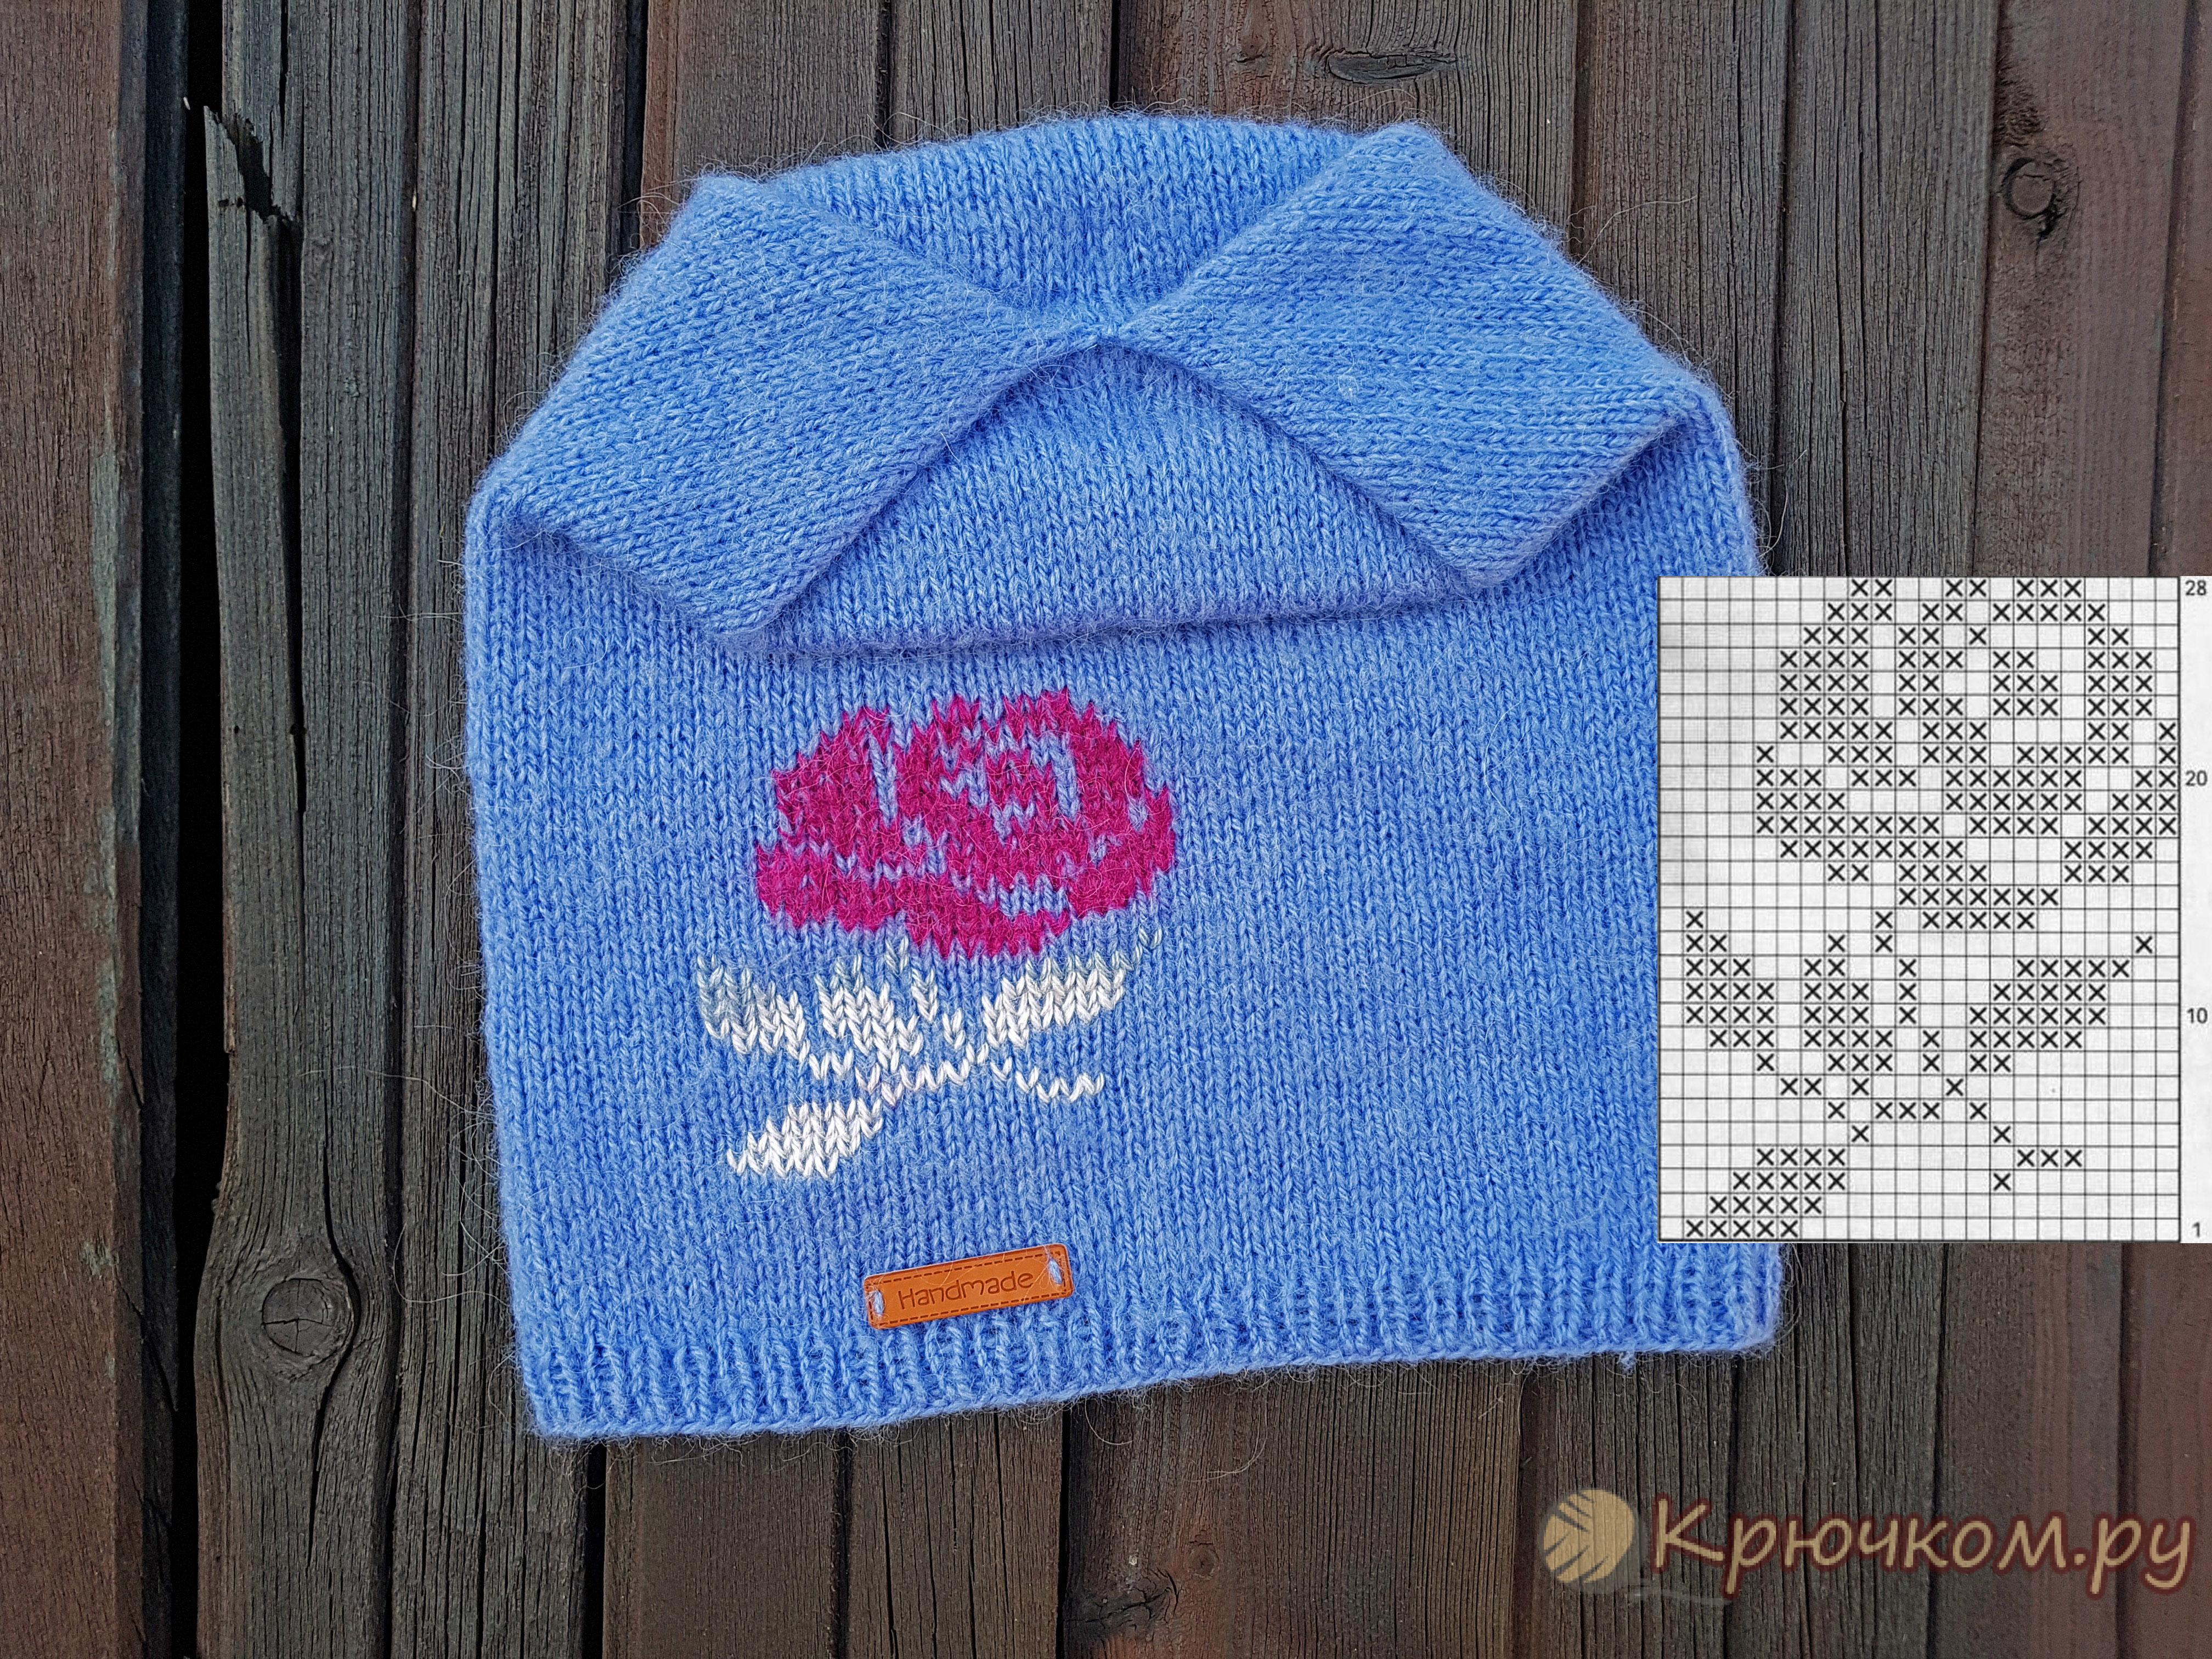 Схемы жаккарда для детей (вышивка по петлям, интарсия) вязание.